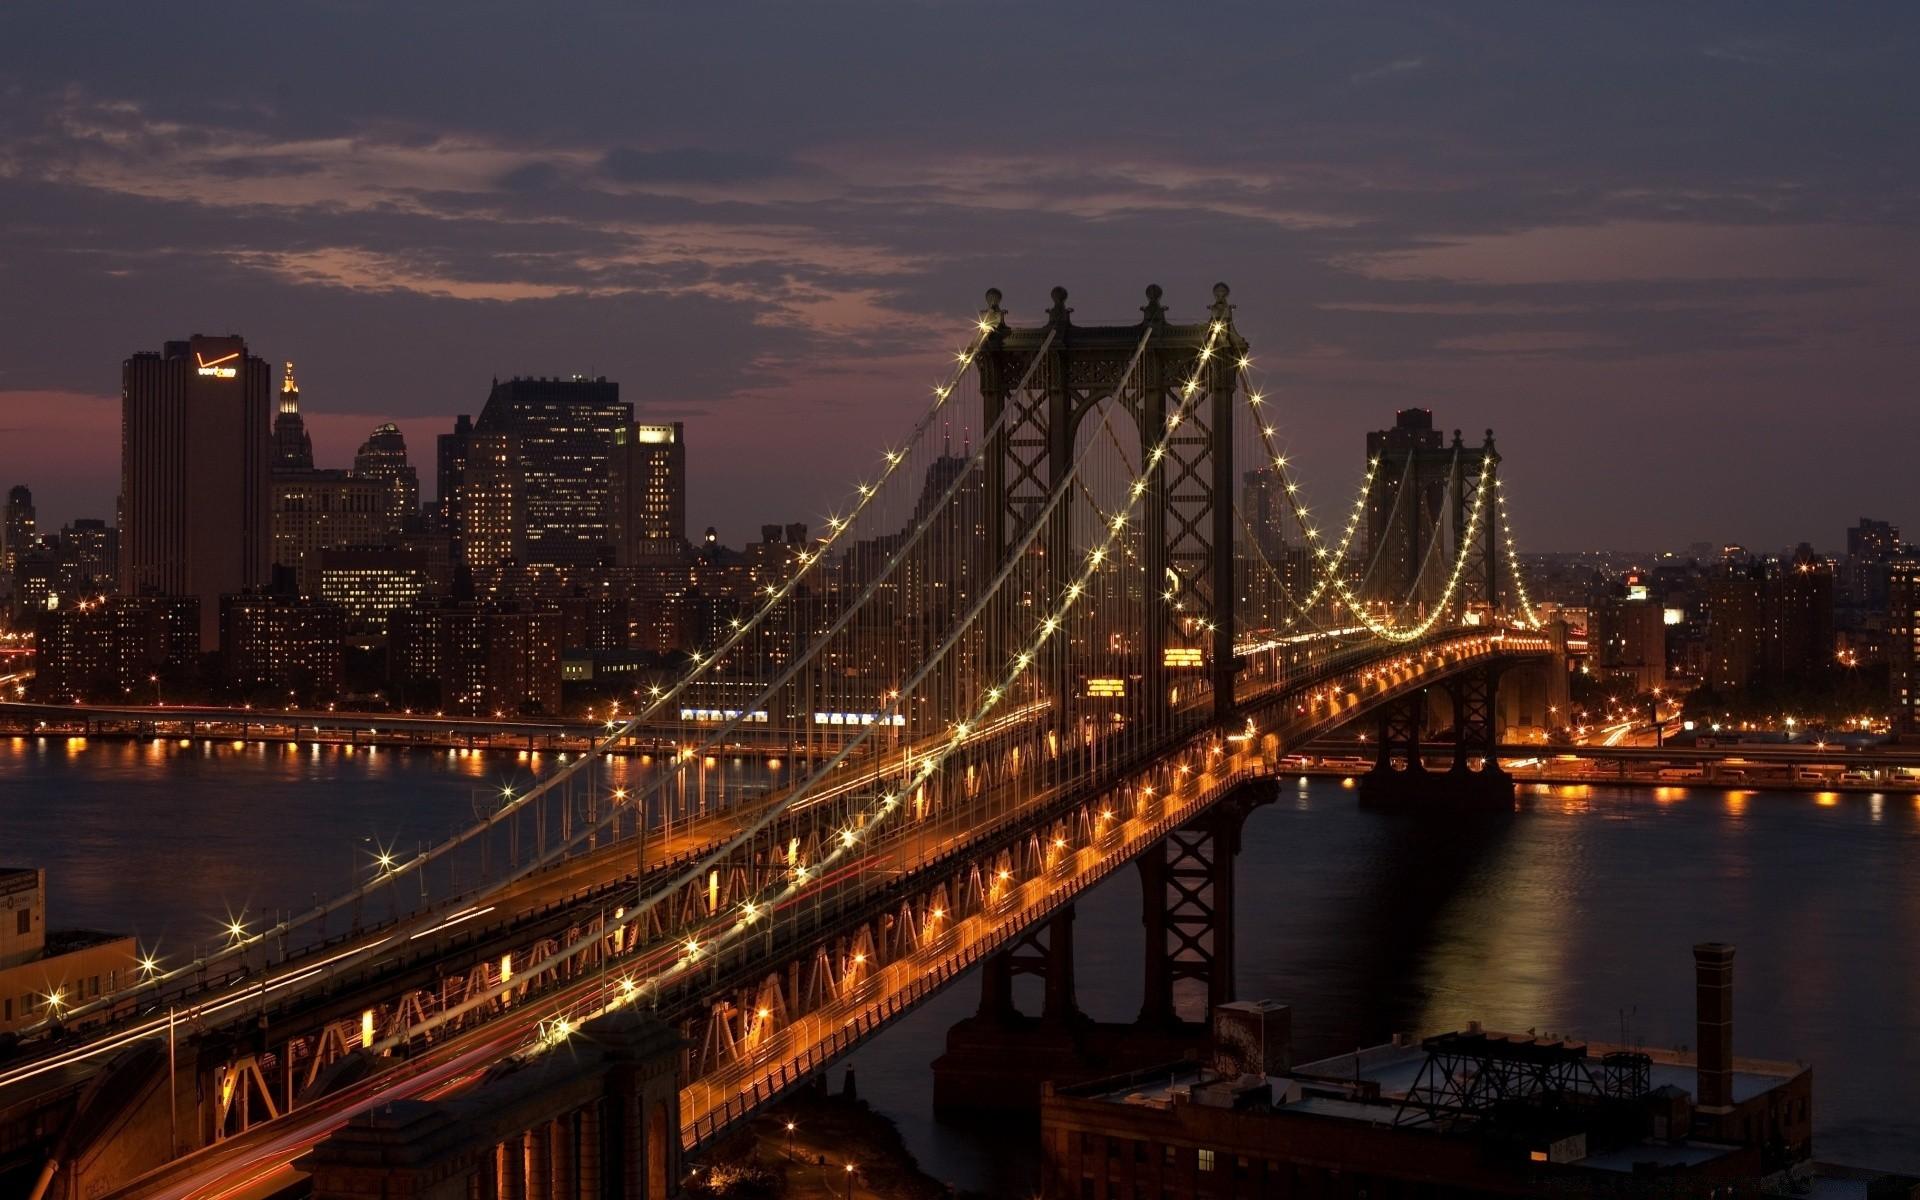 страны архитектура Бруклинский мост река ночь США Нью-Йорк без смс